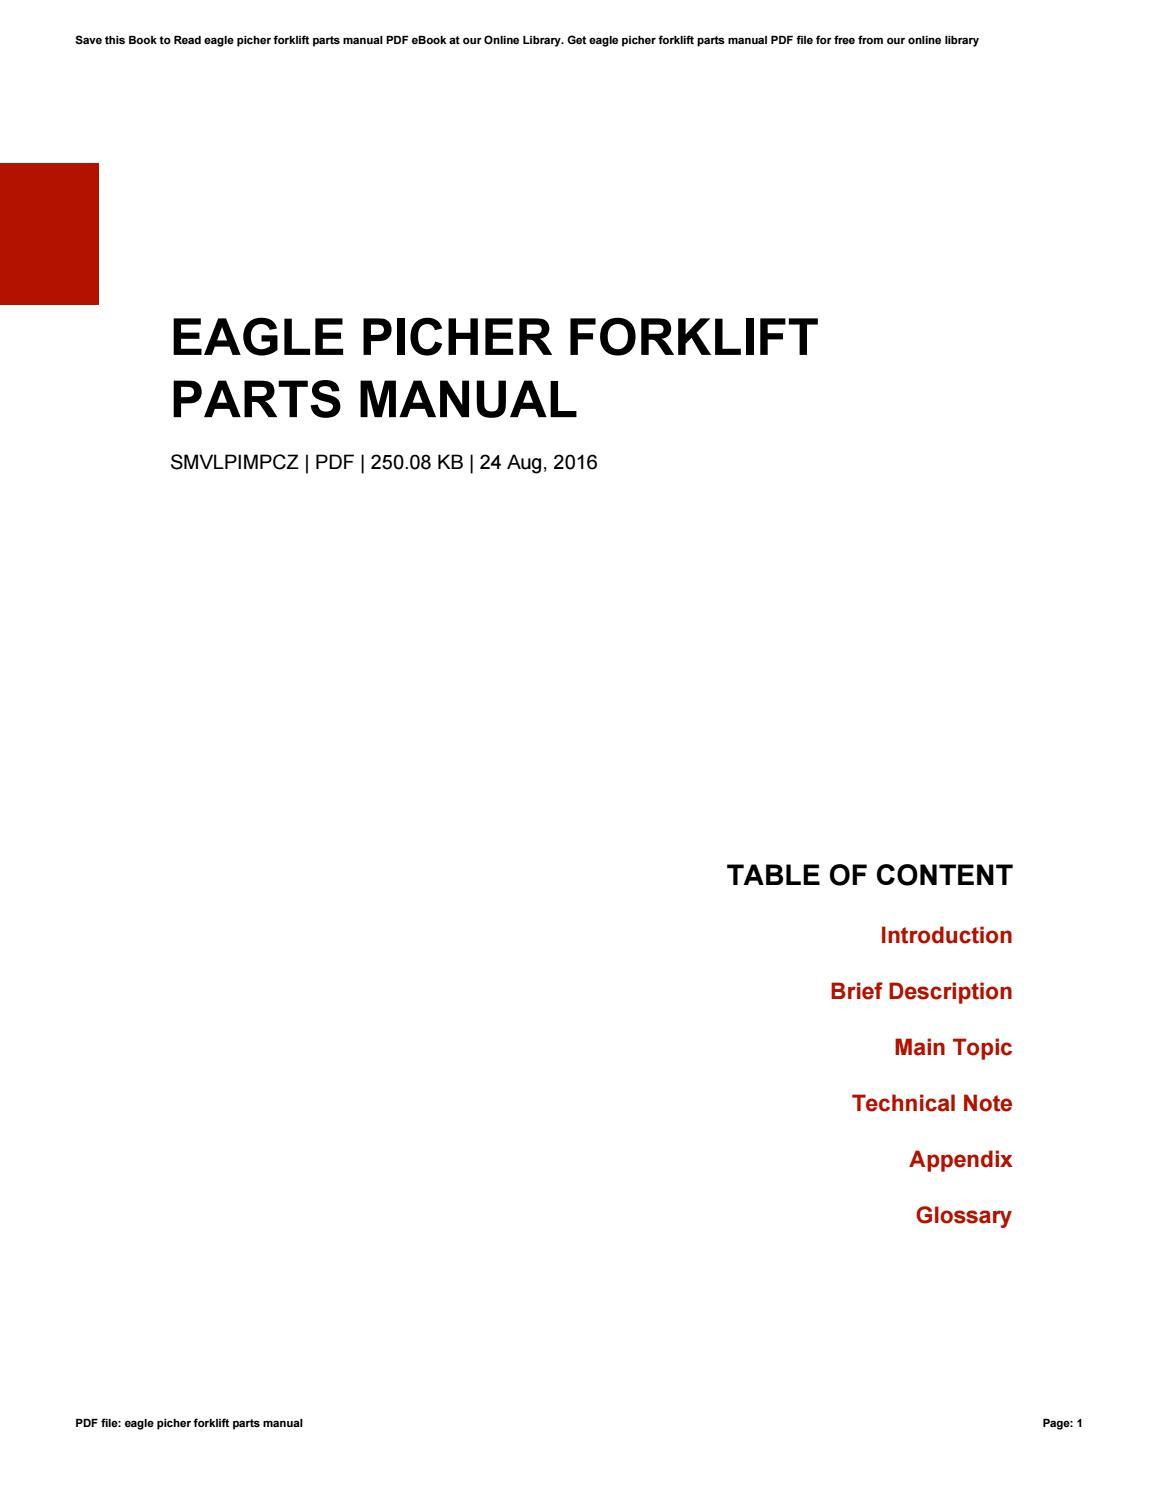 Eagle picher Forklift Manual